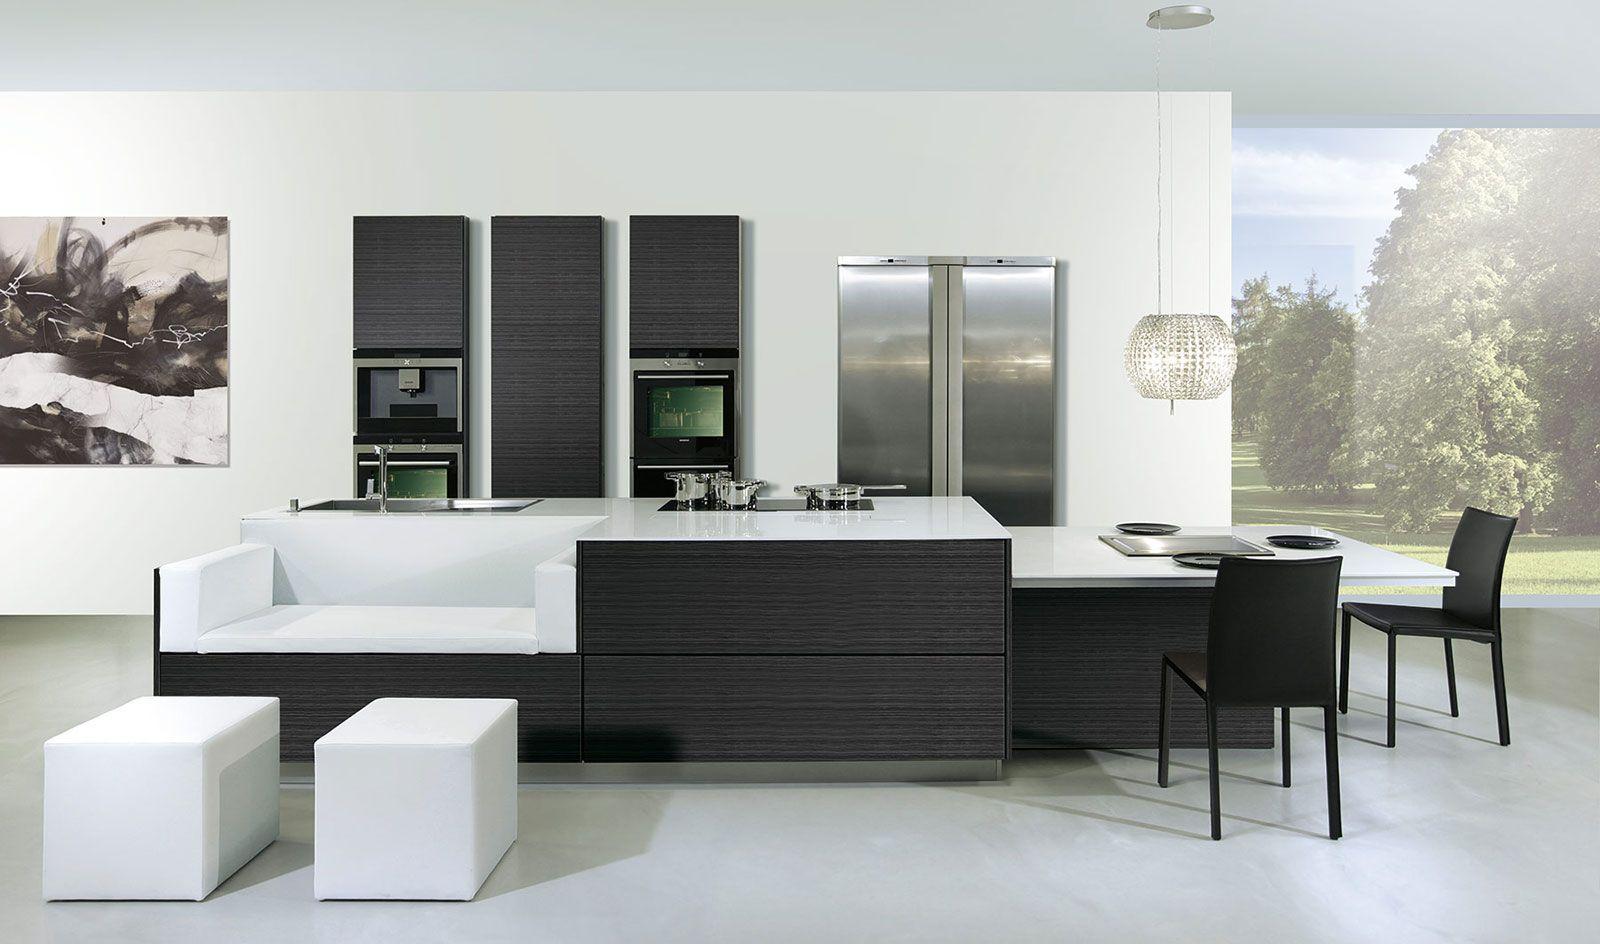 Cocinas integrales minimalistas con isla buscar con for Cocinas minimalistas